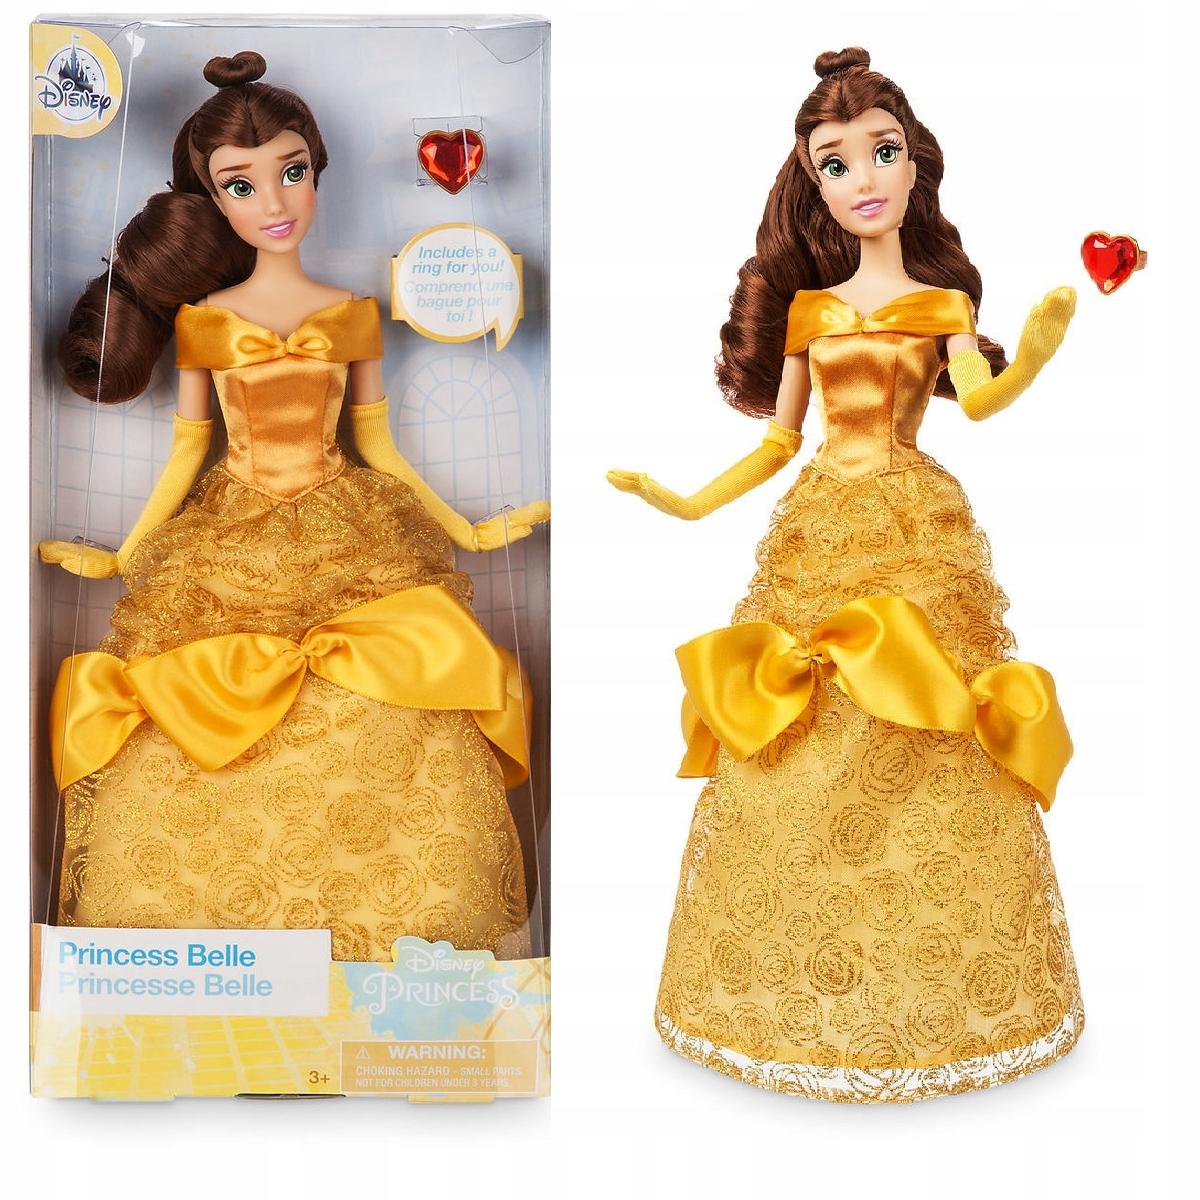 Kráska a zviera Bella 30cm + RING Disney obchod 24H